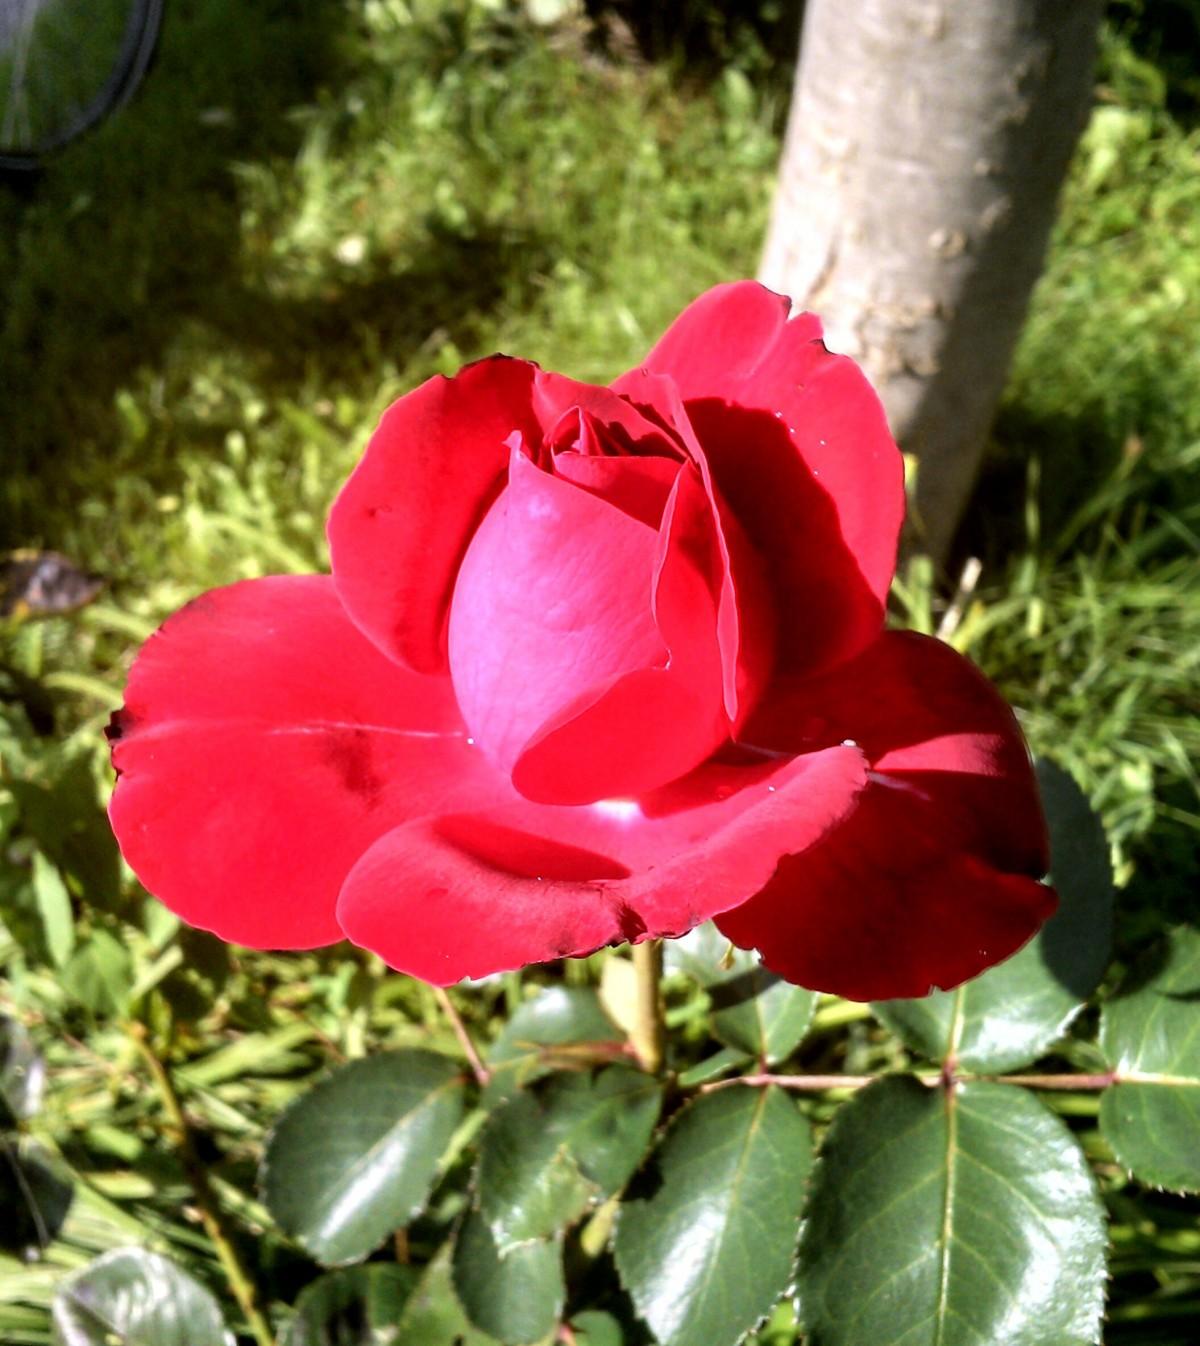 Garden Roses Flower Petal: Free Images : Blossom, Flower, Petal, Botany, Flora, Red